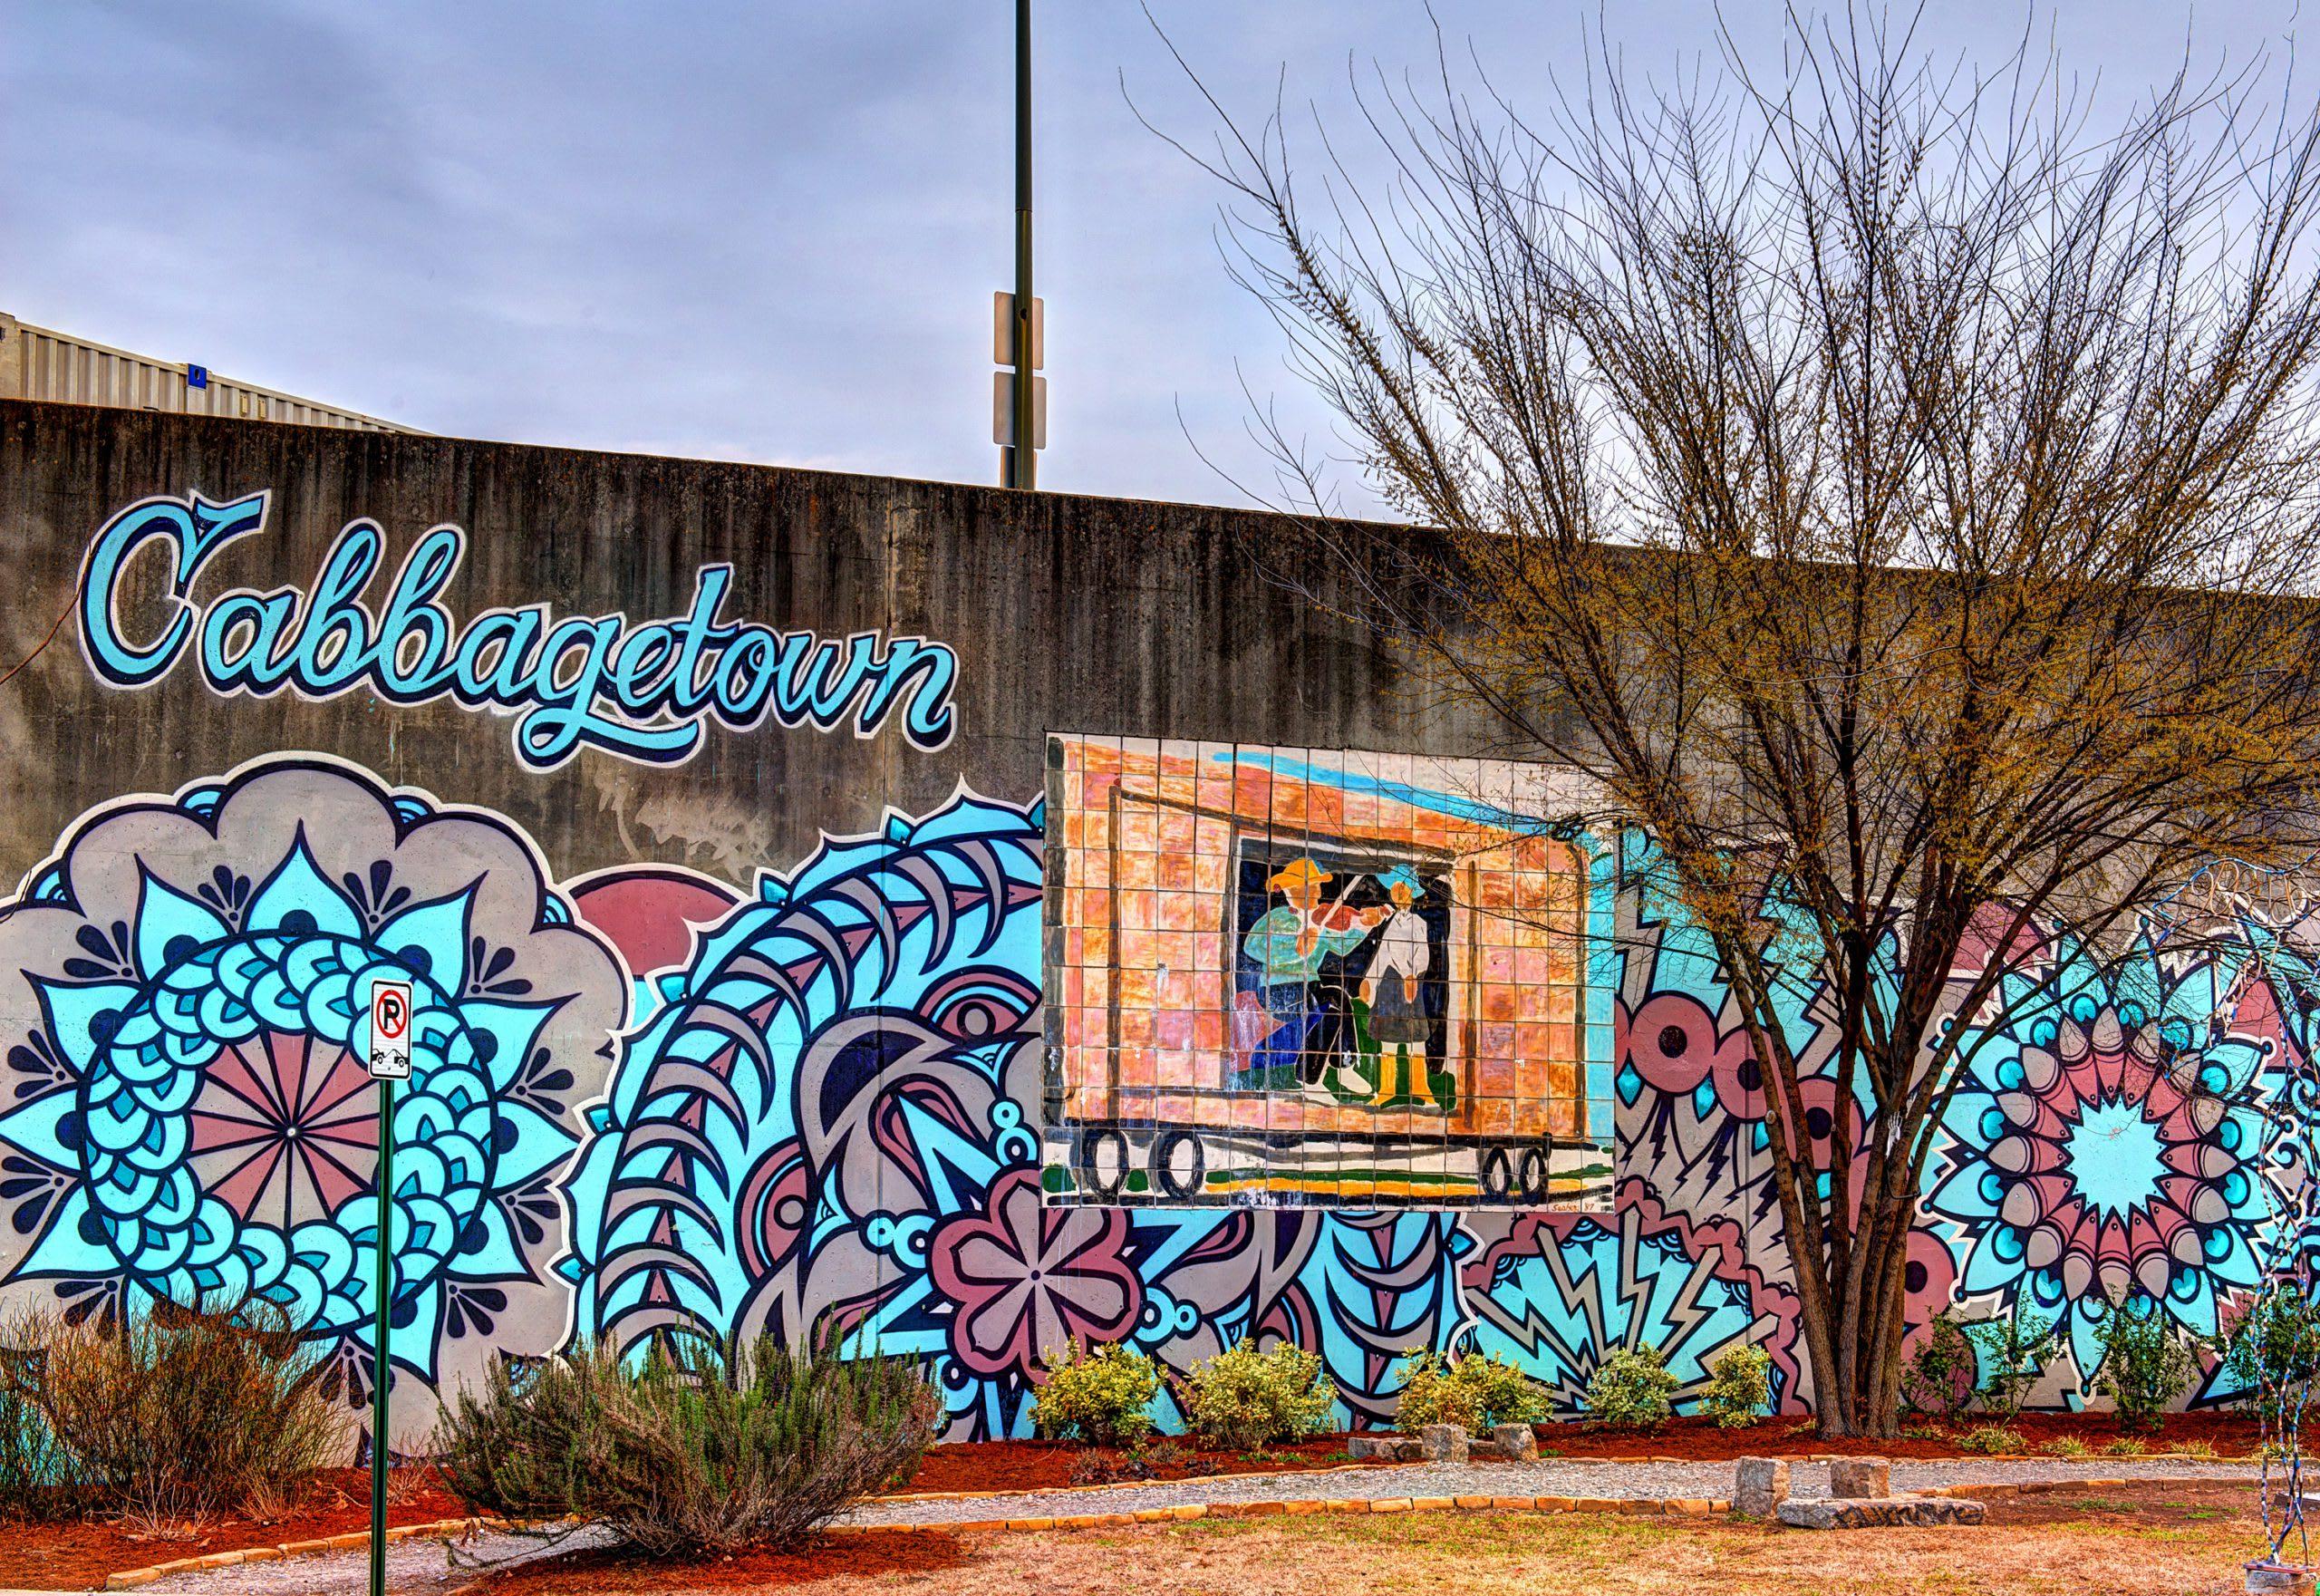 Cabbagetown mural